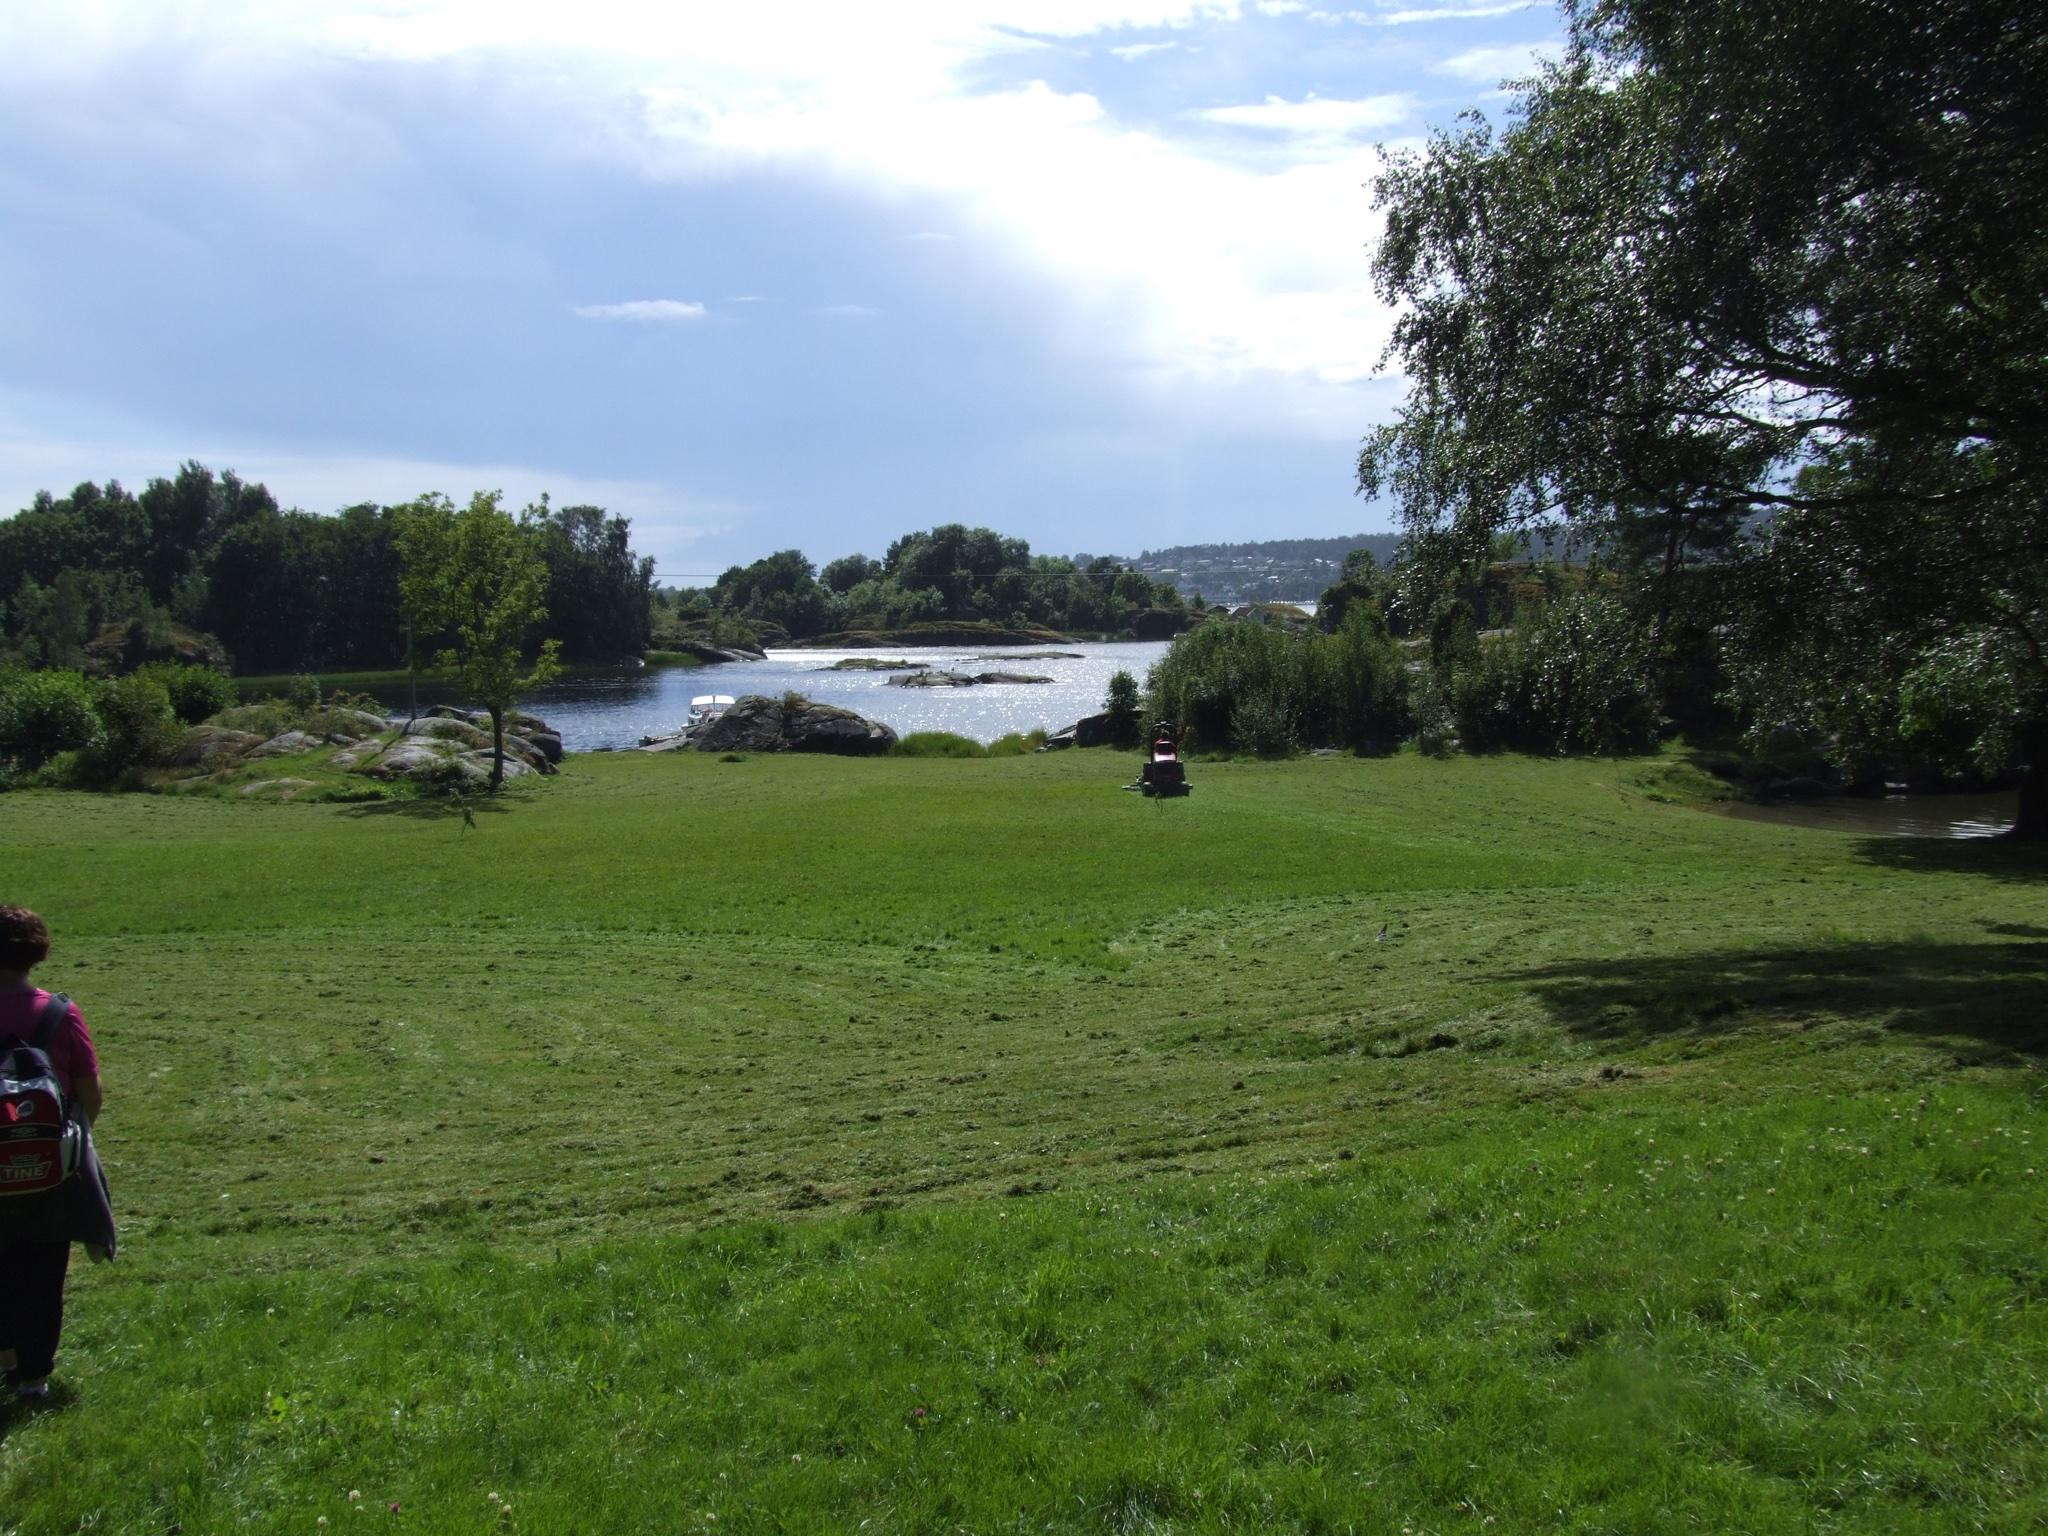 Den fine grassletta på Siktesøya. Her er det god plass for lek og avslapning